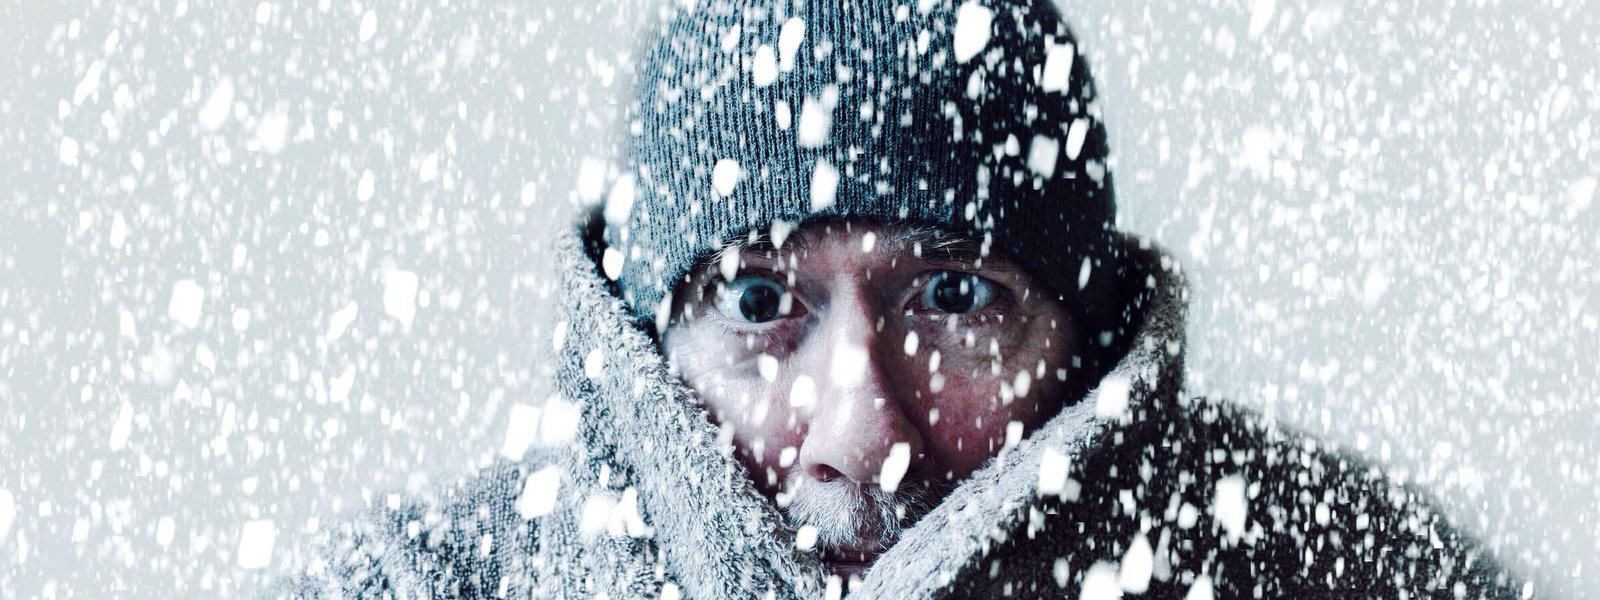 homem no meio da neve com os olhos desprotegidos